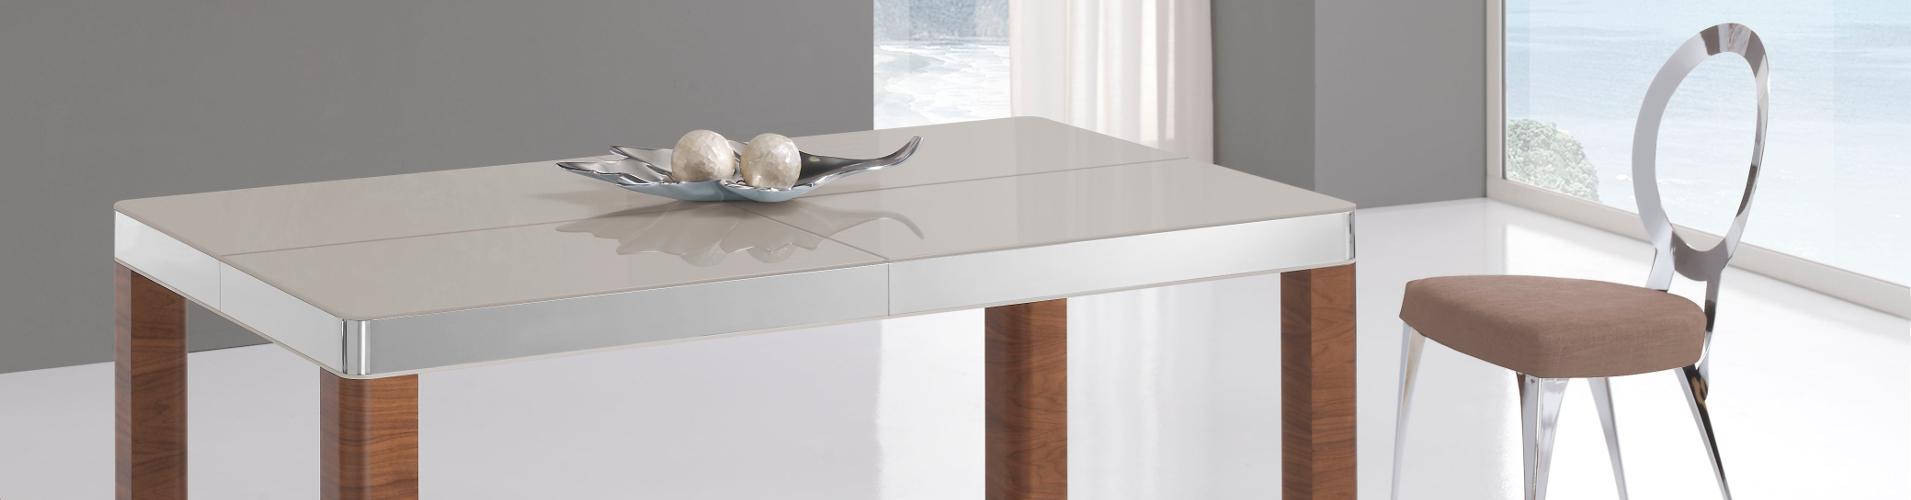 Muebles de cocina de segunda mano en murcia awesome interesting affordable muebles para salons - Muebles en murcia baratos ...